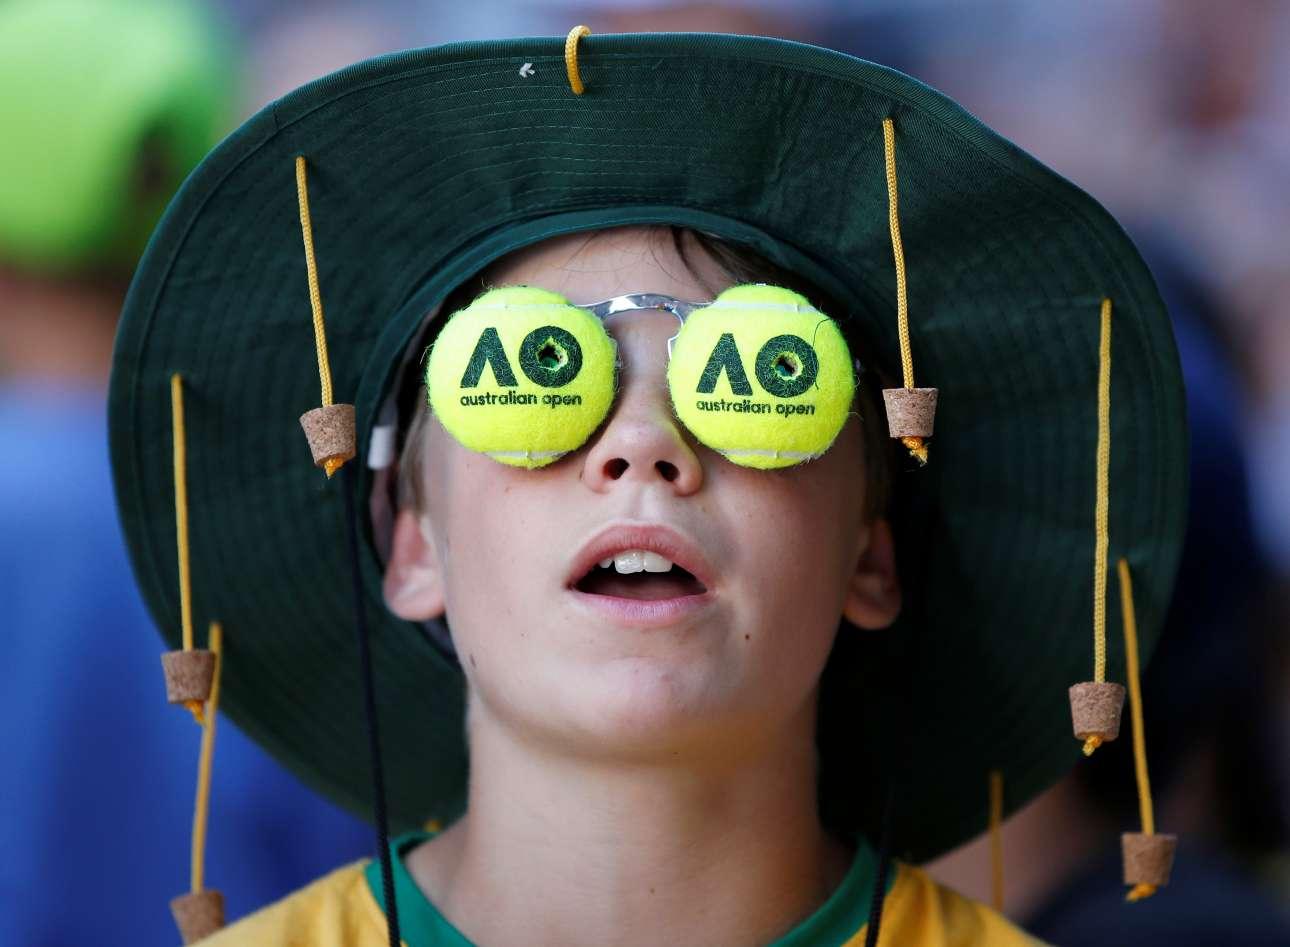 Τρίτη, 16 Ιανουαρίου, Μελβούρνη. Πιτσιρικάς με γυαλιά - μπαλάκια του τένις σε ένα όμορφο στιγμιότυπο από το Αυστραλιανό Οπεν